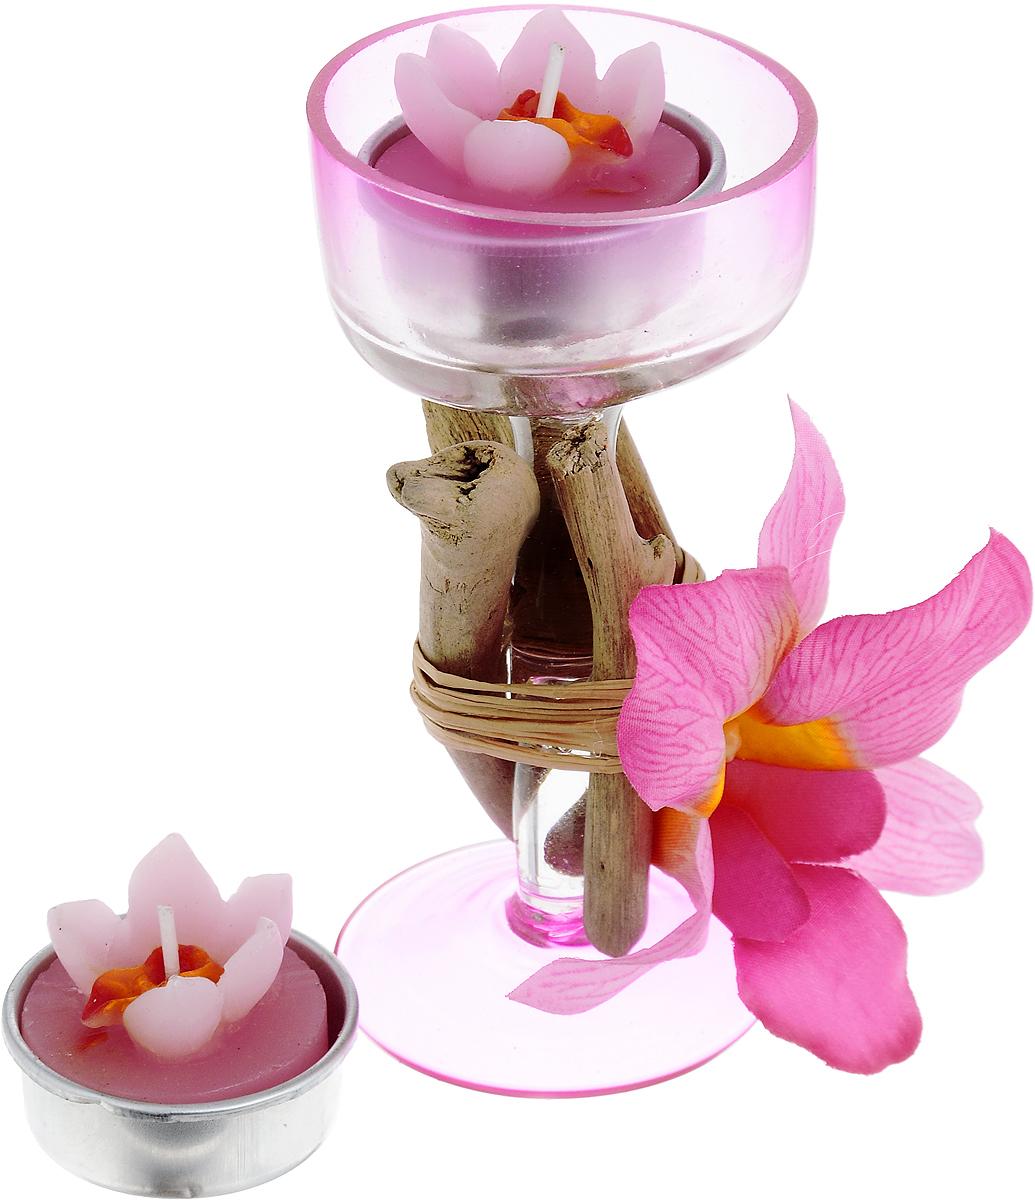 Набор свечей Lovemark Орхидея, с подсвечником, 3 предметаFS-80299Набор Lovemark Орхидея представляет собой 2 свечи в виде цветков. В комплект входит стеклянный подсвечник в виде бокала на ножке, оформленного изысканным декоративным элементом в виде веточек и цветком орхидеи. Такой набор элегантно оформит интерьер вашего дома. Мерцание свечи создаст атмосферу романтики и уюта. Размер свечи: 4 х 4 х 3 см. Диаметр подсвечника (по верхнему краю): 5,5 см. Высота подсвечника: 11,8 см. Диаметр свечи: 3,5 см.